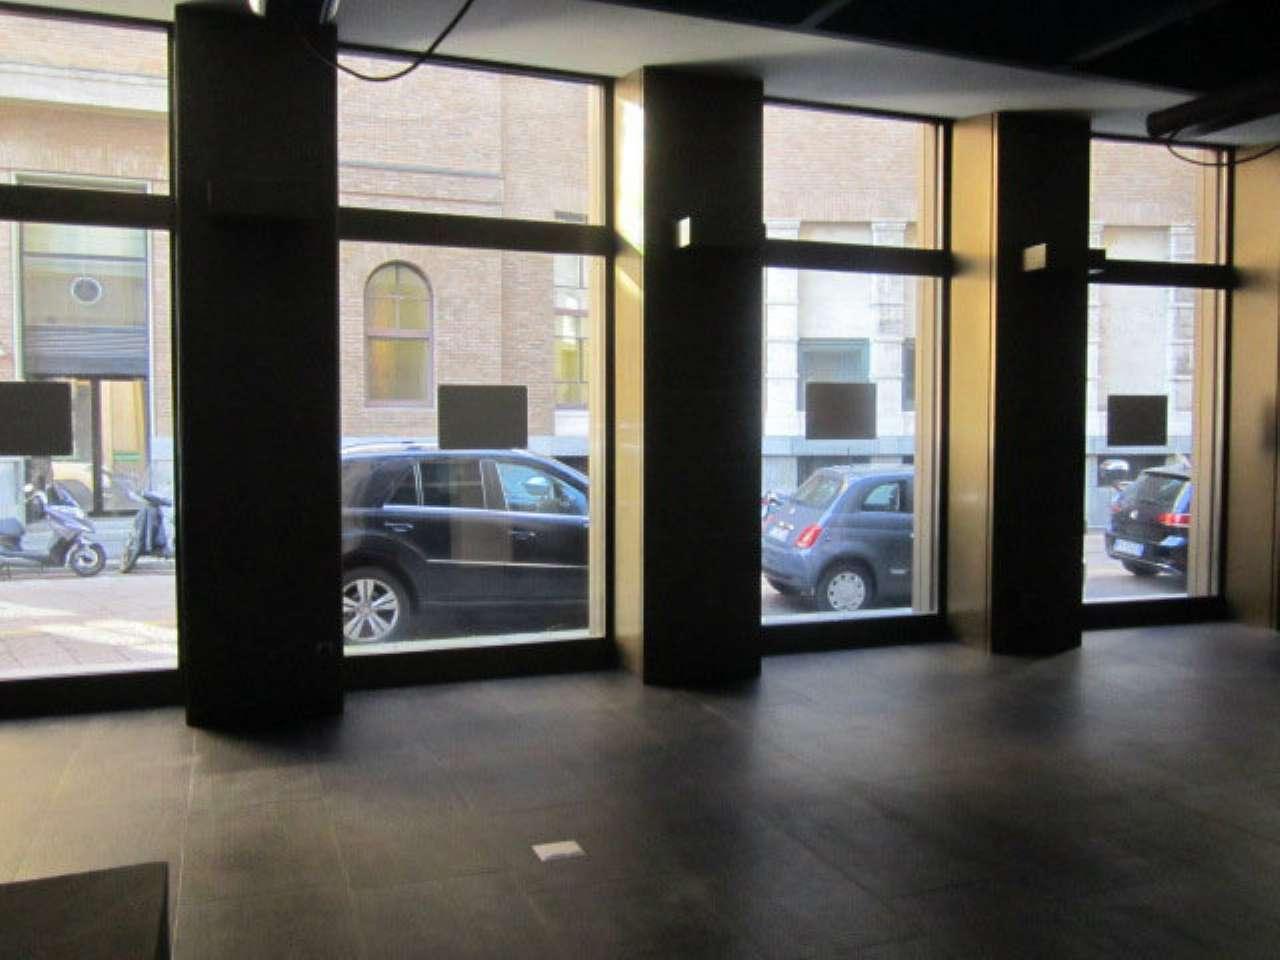 Centro storico - Ampio negozio con più vetrine fronte strada e cortile esclusivo, foto 2